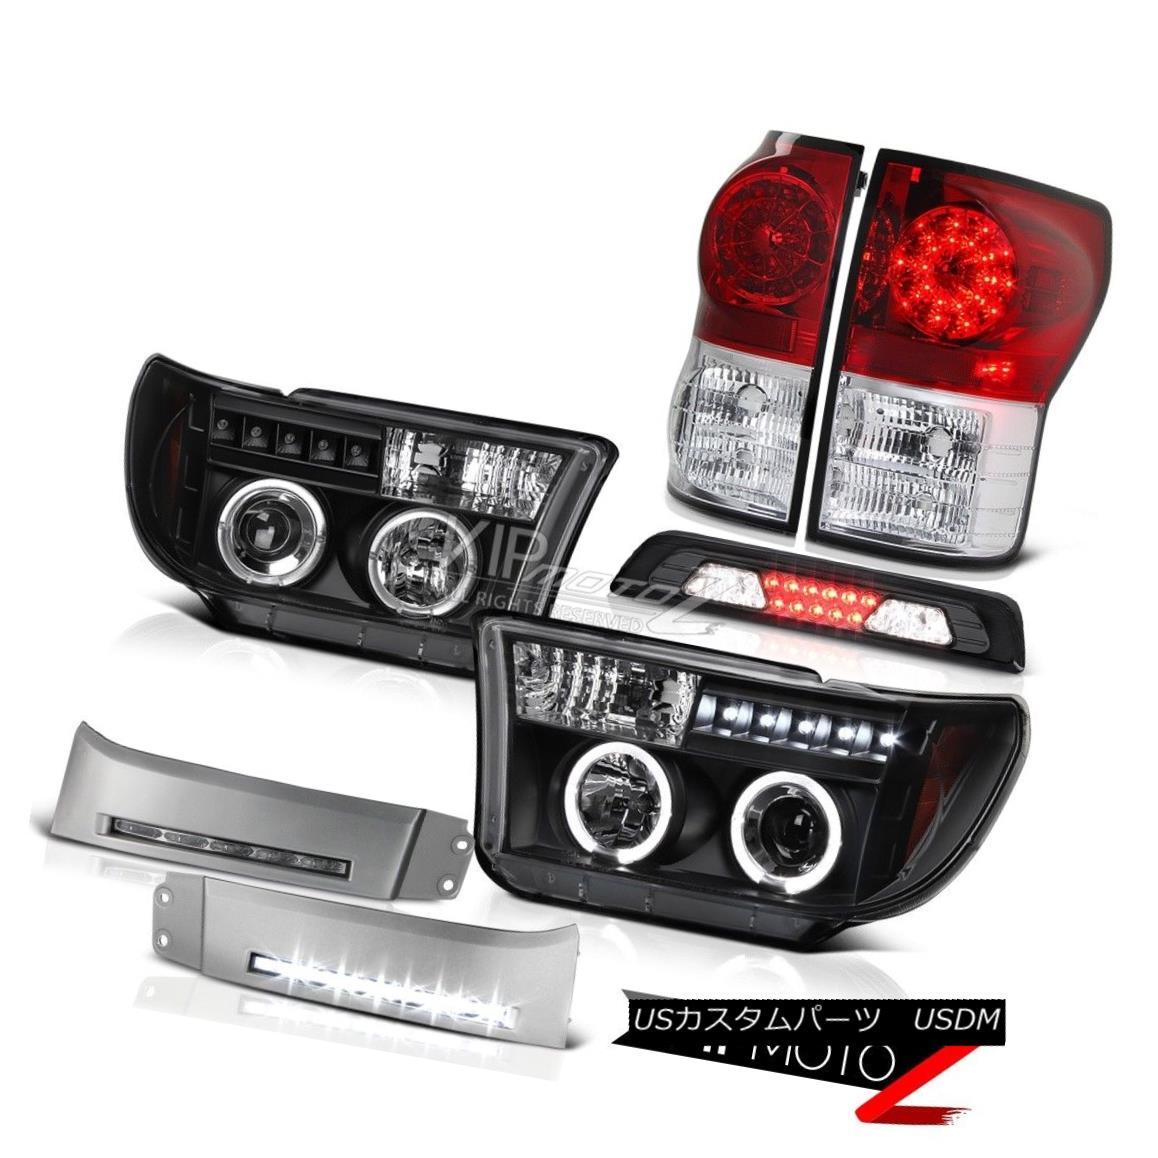 テールライト 07-13 Toyota Tundra SR5 Bumper DRL Smoked High Stop Light Headlights Taillamps 07-13トヨタ・トンドラSR5バンパーDRLスモーク・ハイ・ストップ・ライト・ヘッドライト・トライアングル